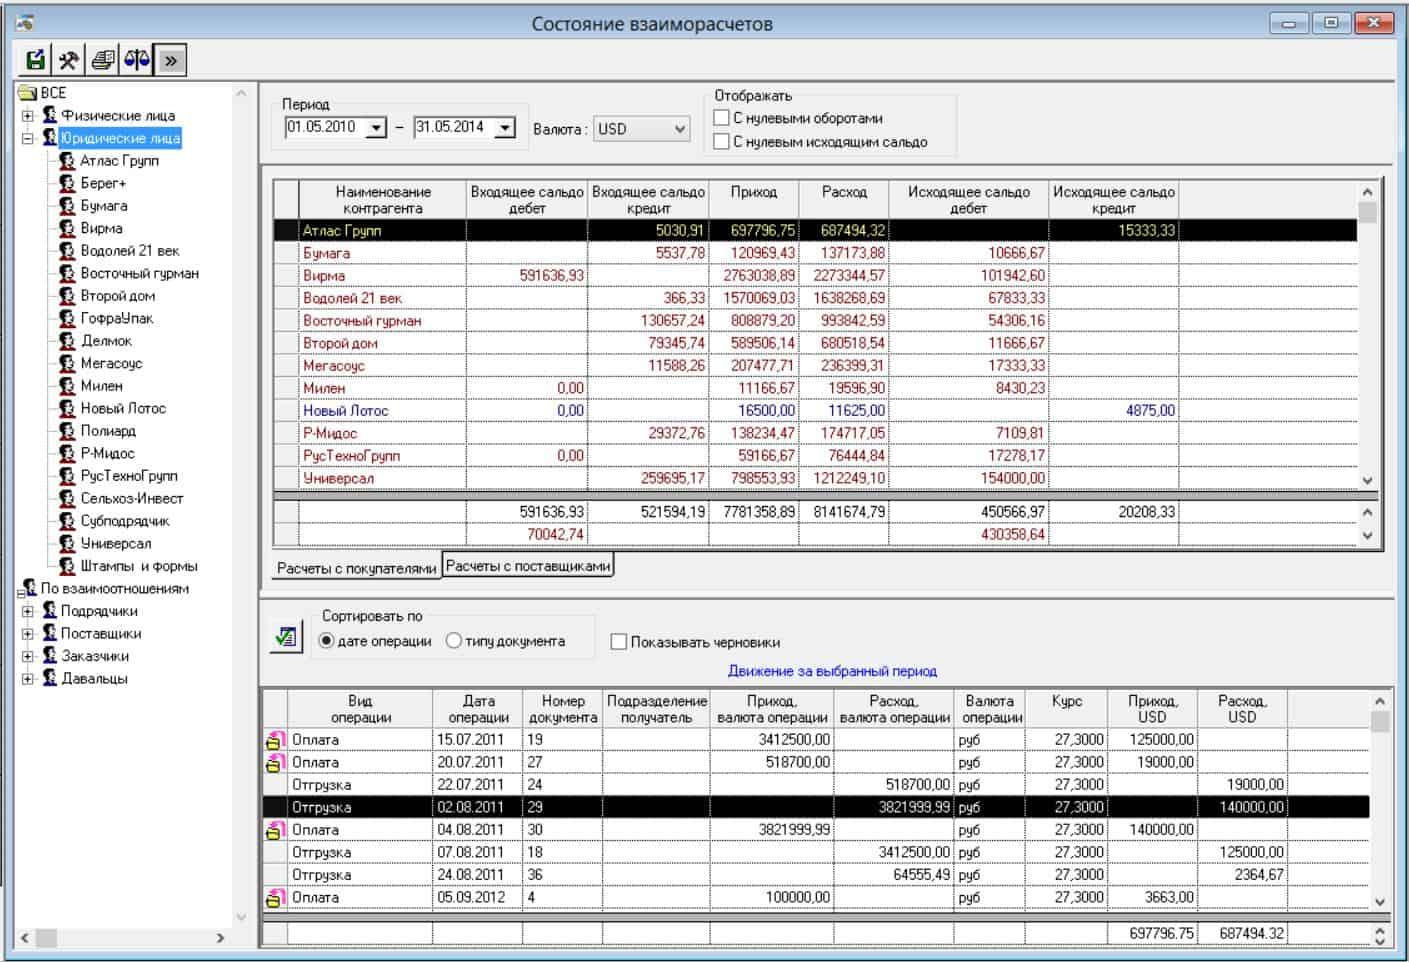 Взаиморасчеты в системе управления полиграфическим предприятием ASystem